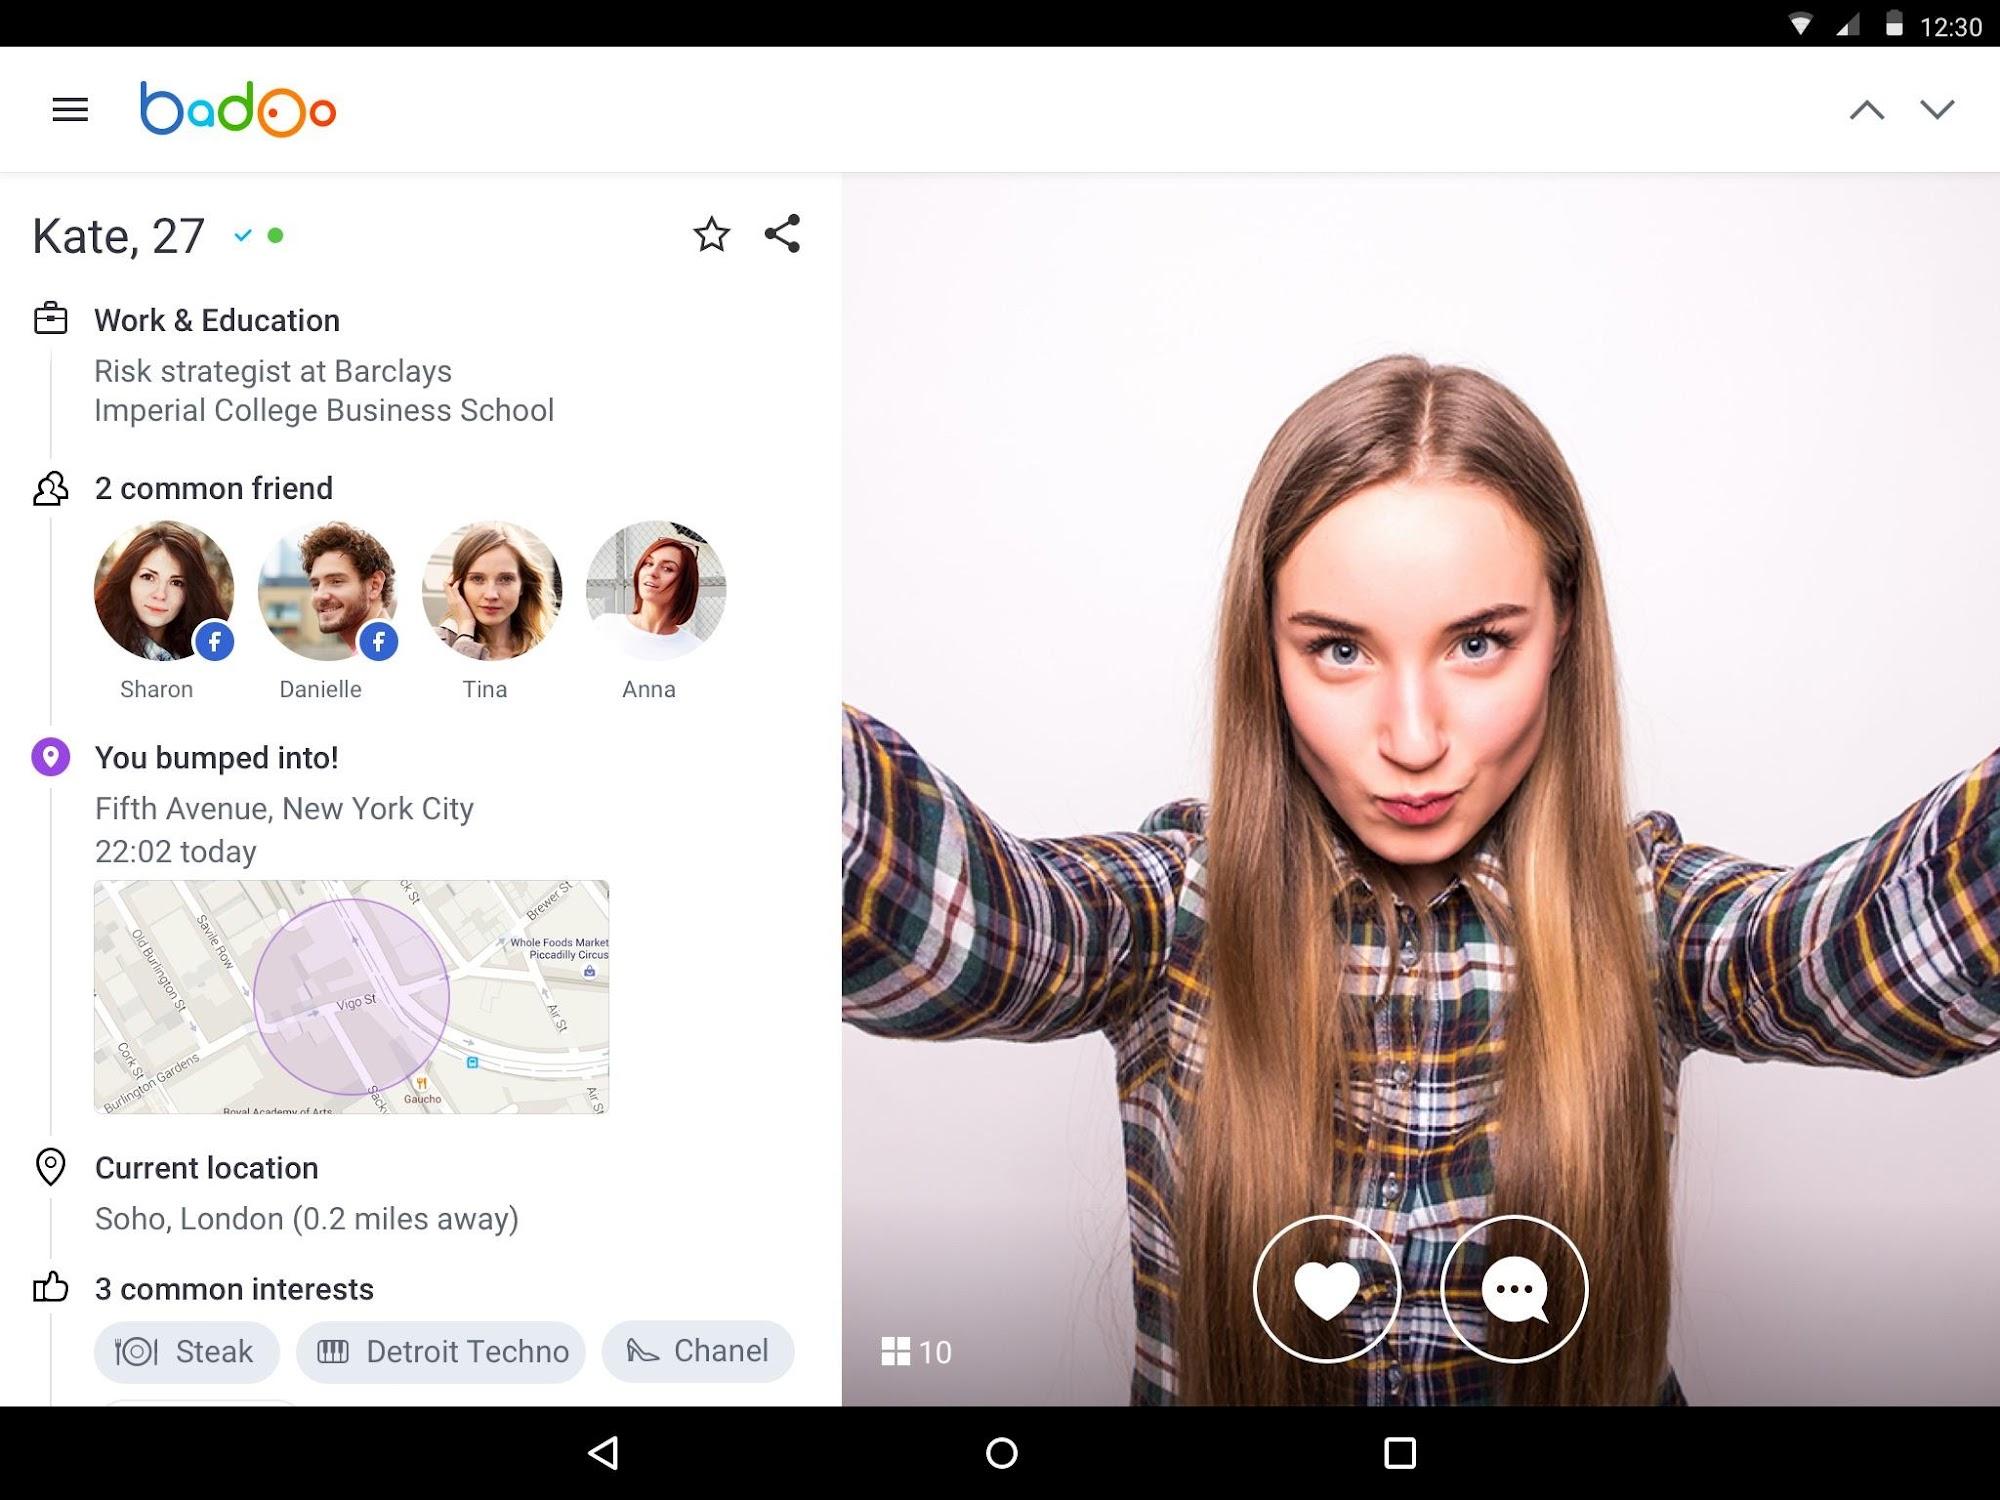 Badoo - Meet New People screenshot #7